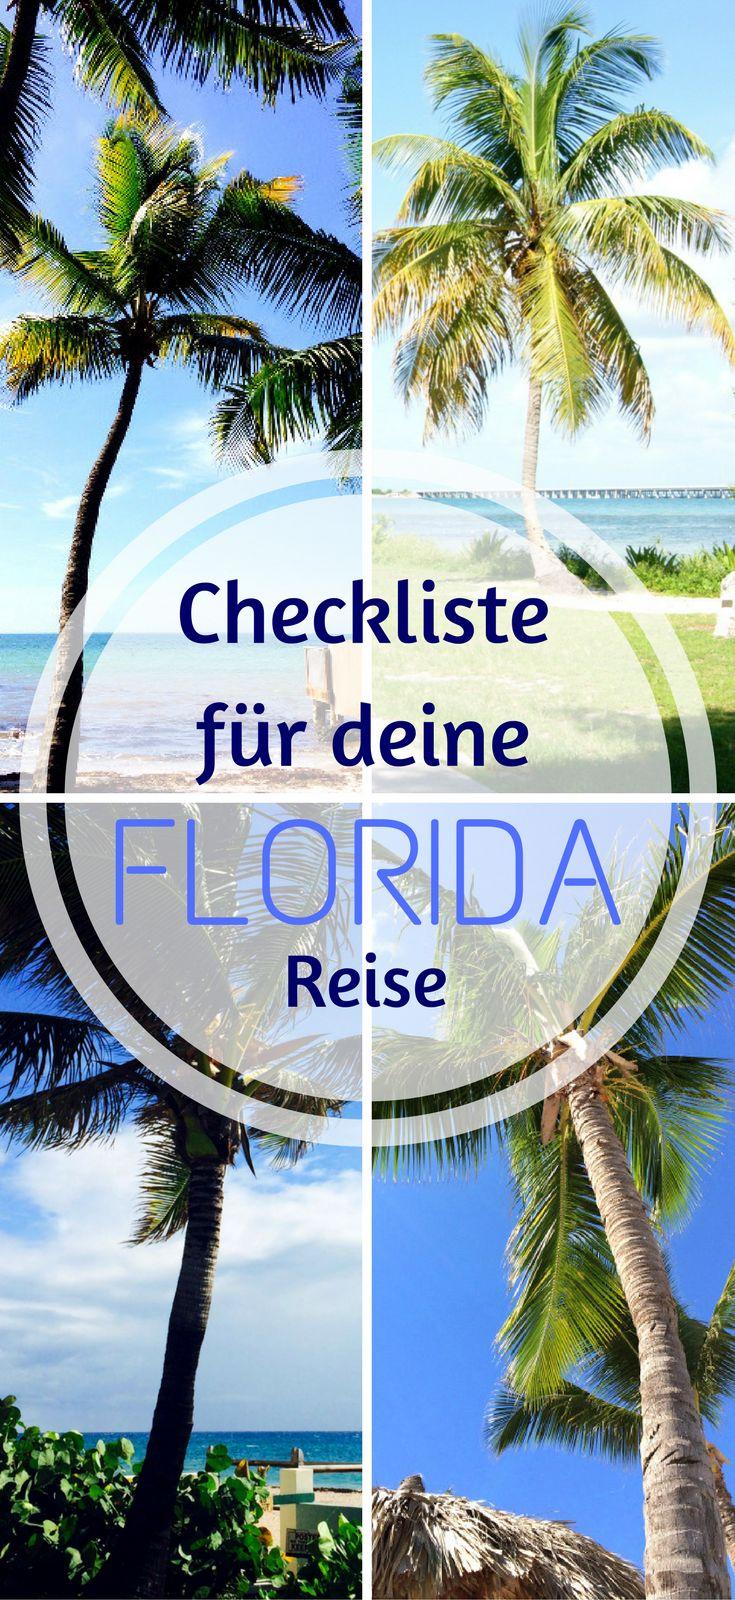 Deine Checkliste für deine Florida Reise. Du fliegst bald in den Sunshine State der USA? Ich zeige dir, an was du vorher denken musst damit deine Reise ein voller Erfolg wird. Von der Routenplanung, über ESTA bis hin zu wertvollen Tipps rund ums Auto fahren und Essen gehen. Du hast Fragen? Hier bekommst du die Antworten.